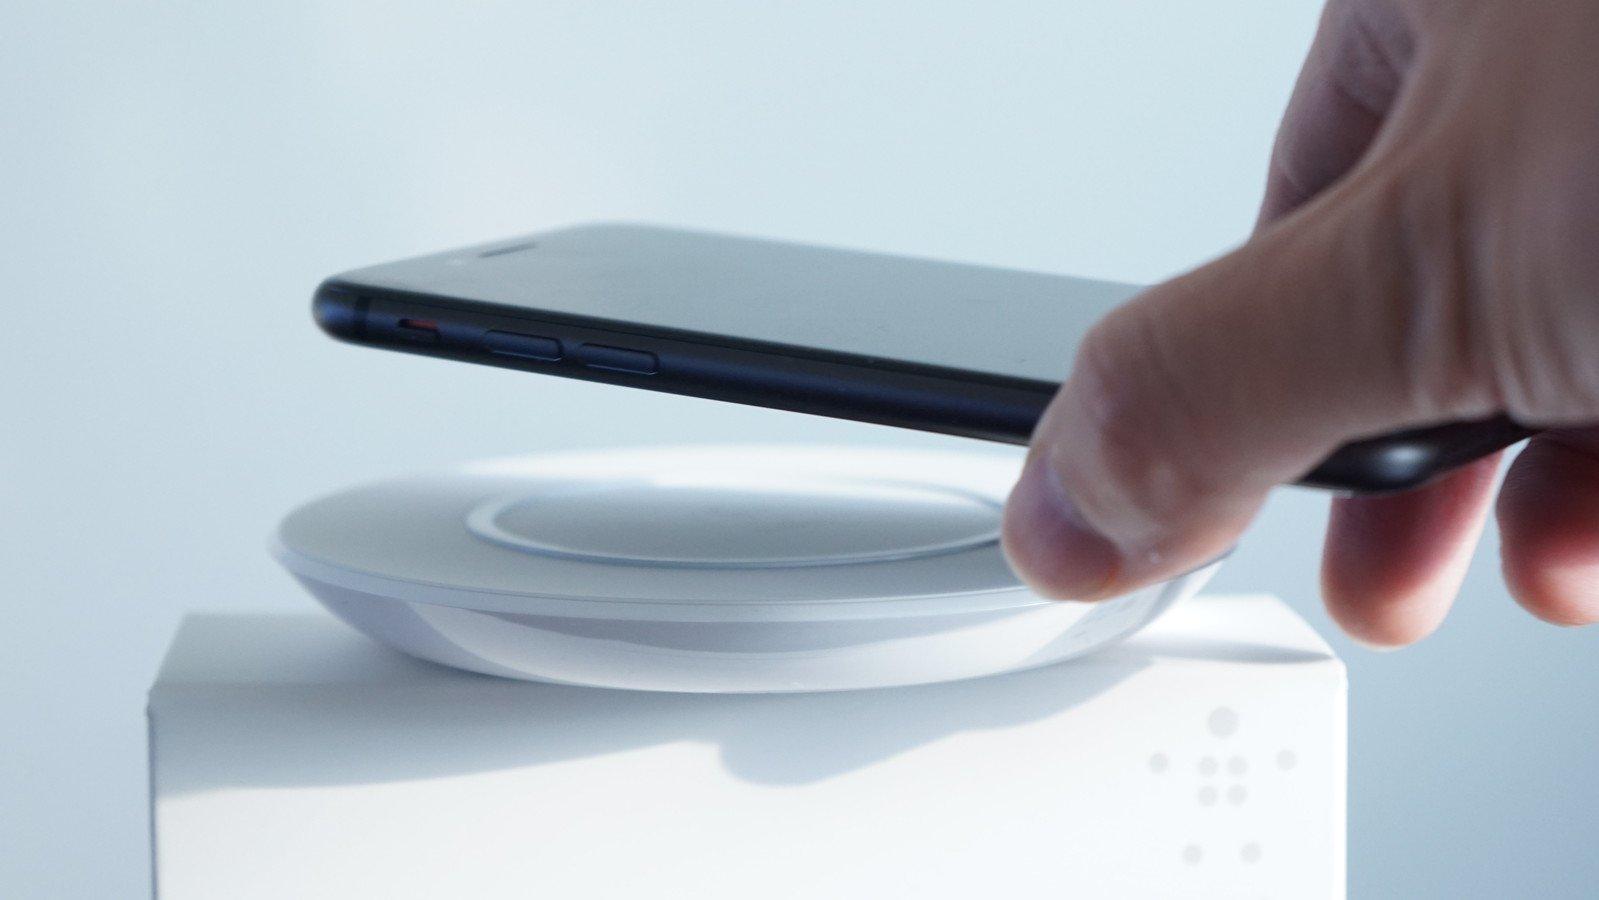 Apple、「MagSafe」ブランド復活か。iPhone向けワイヤレス充電器で